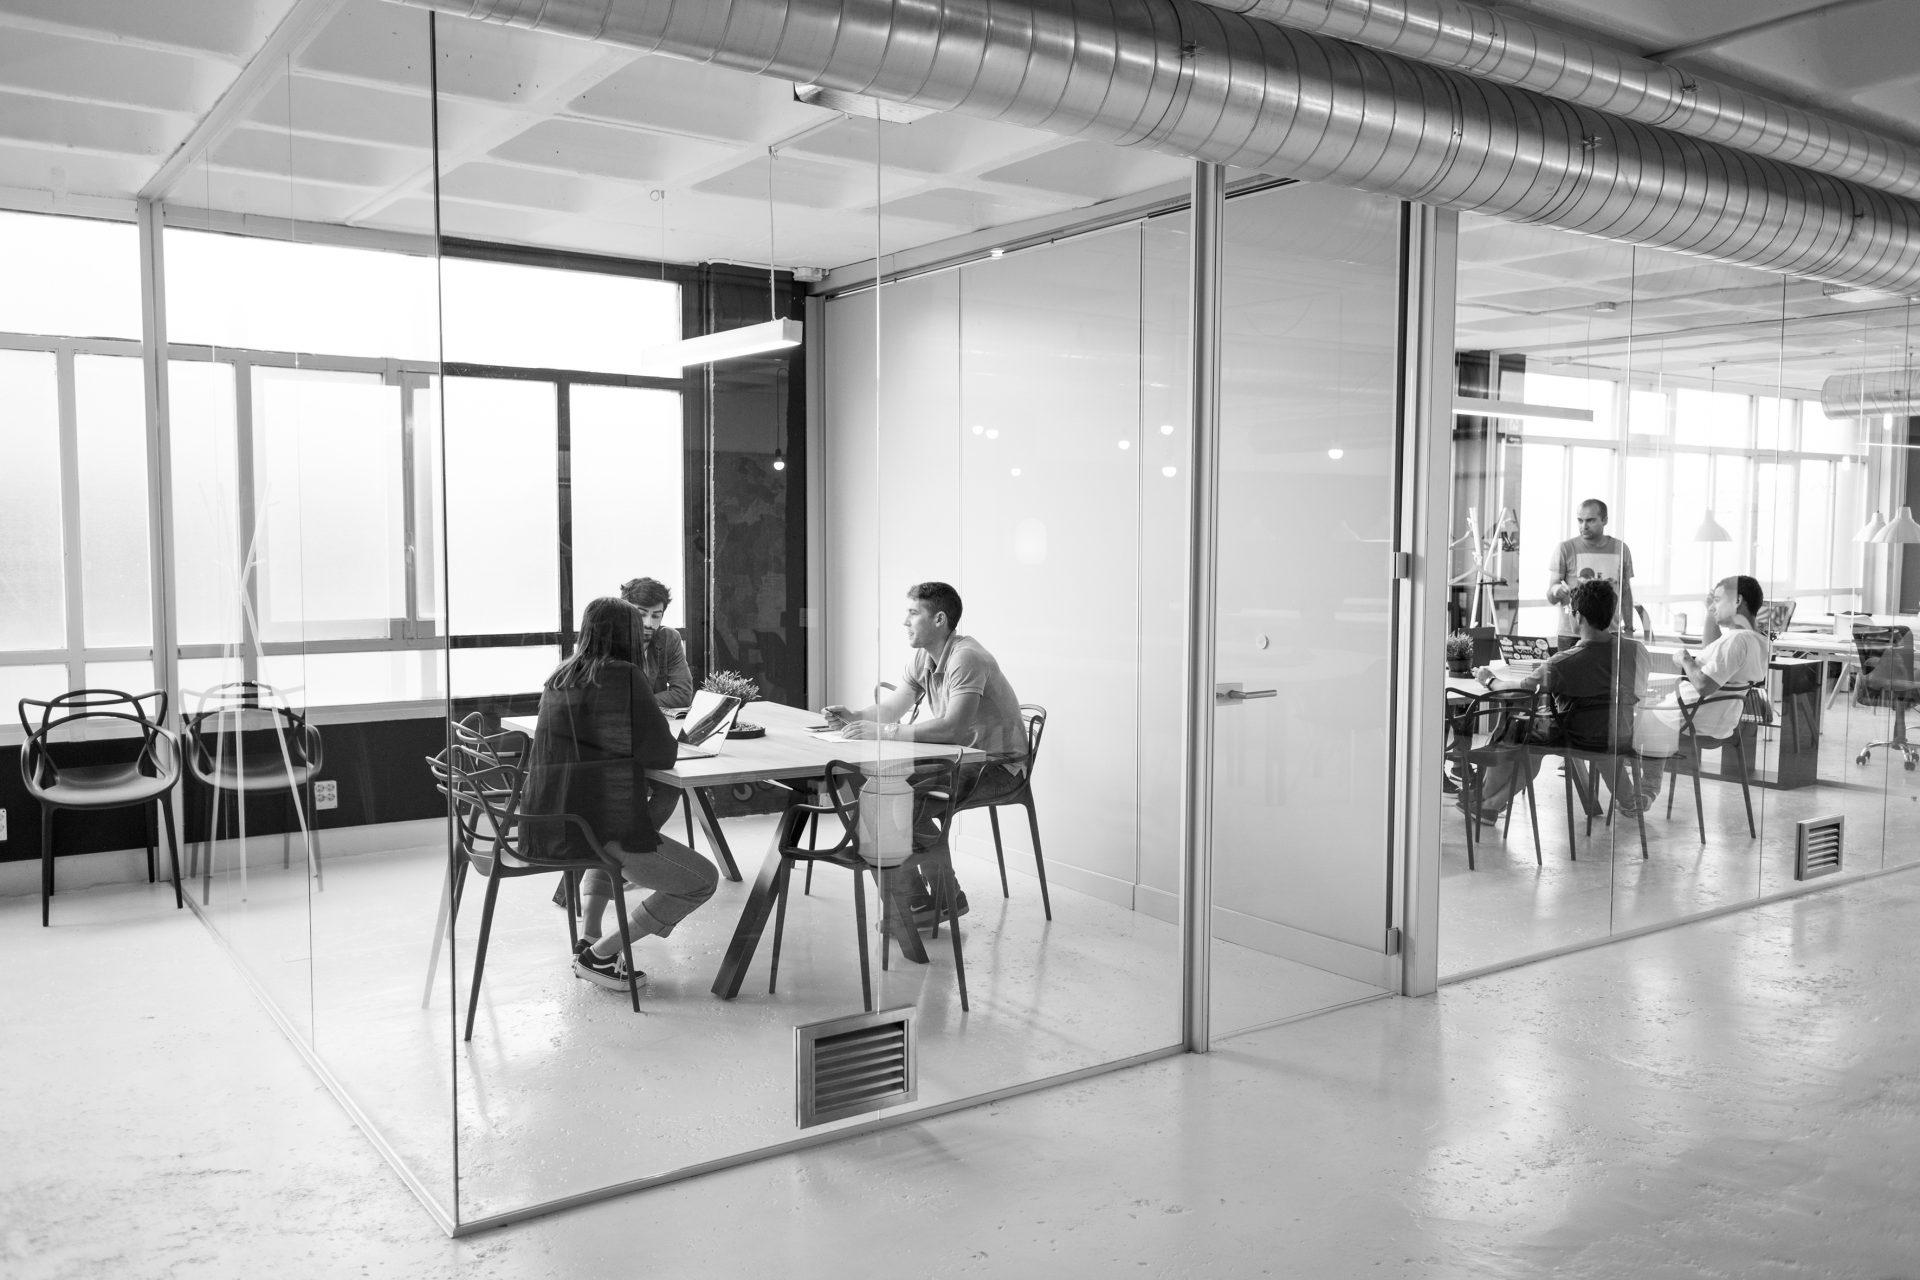 oficinas-privacidad-coworking-Biworking-sinergias-oportunidad